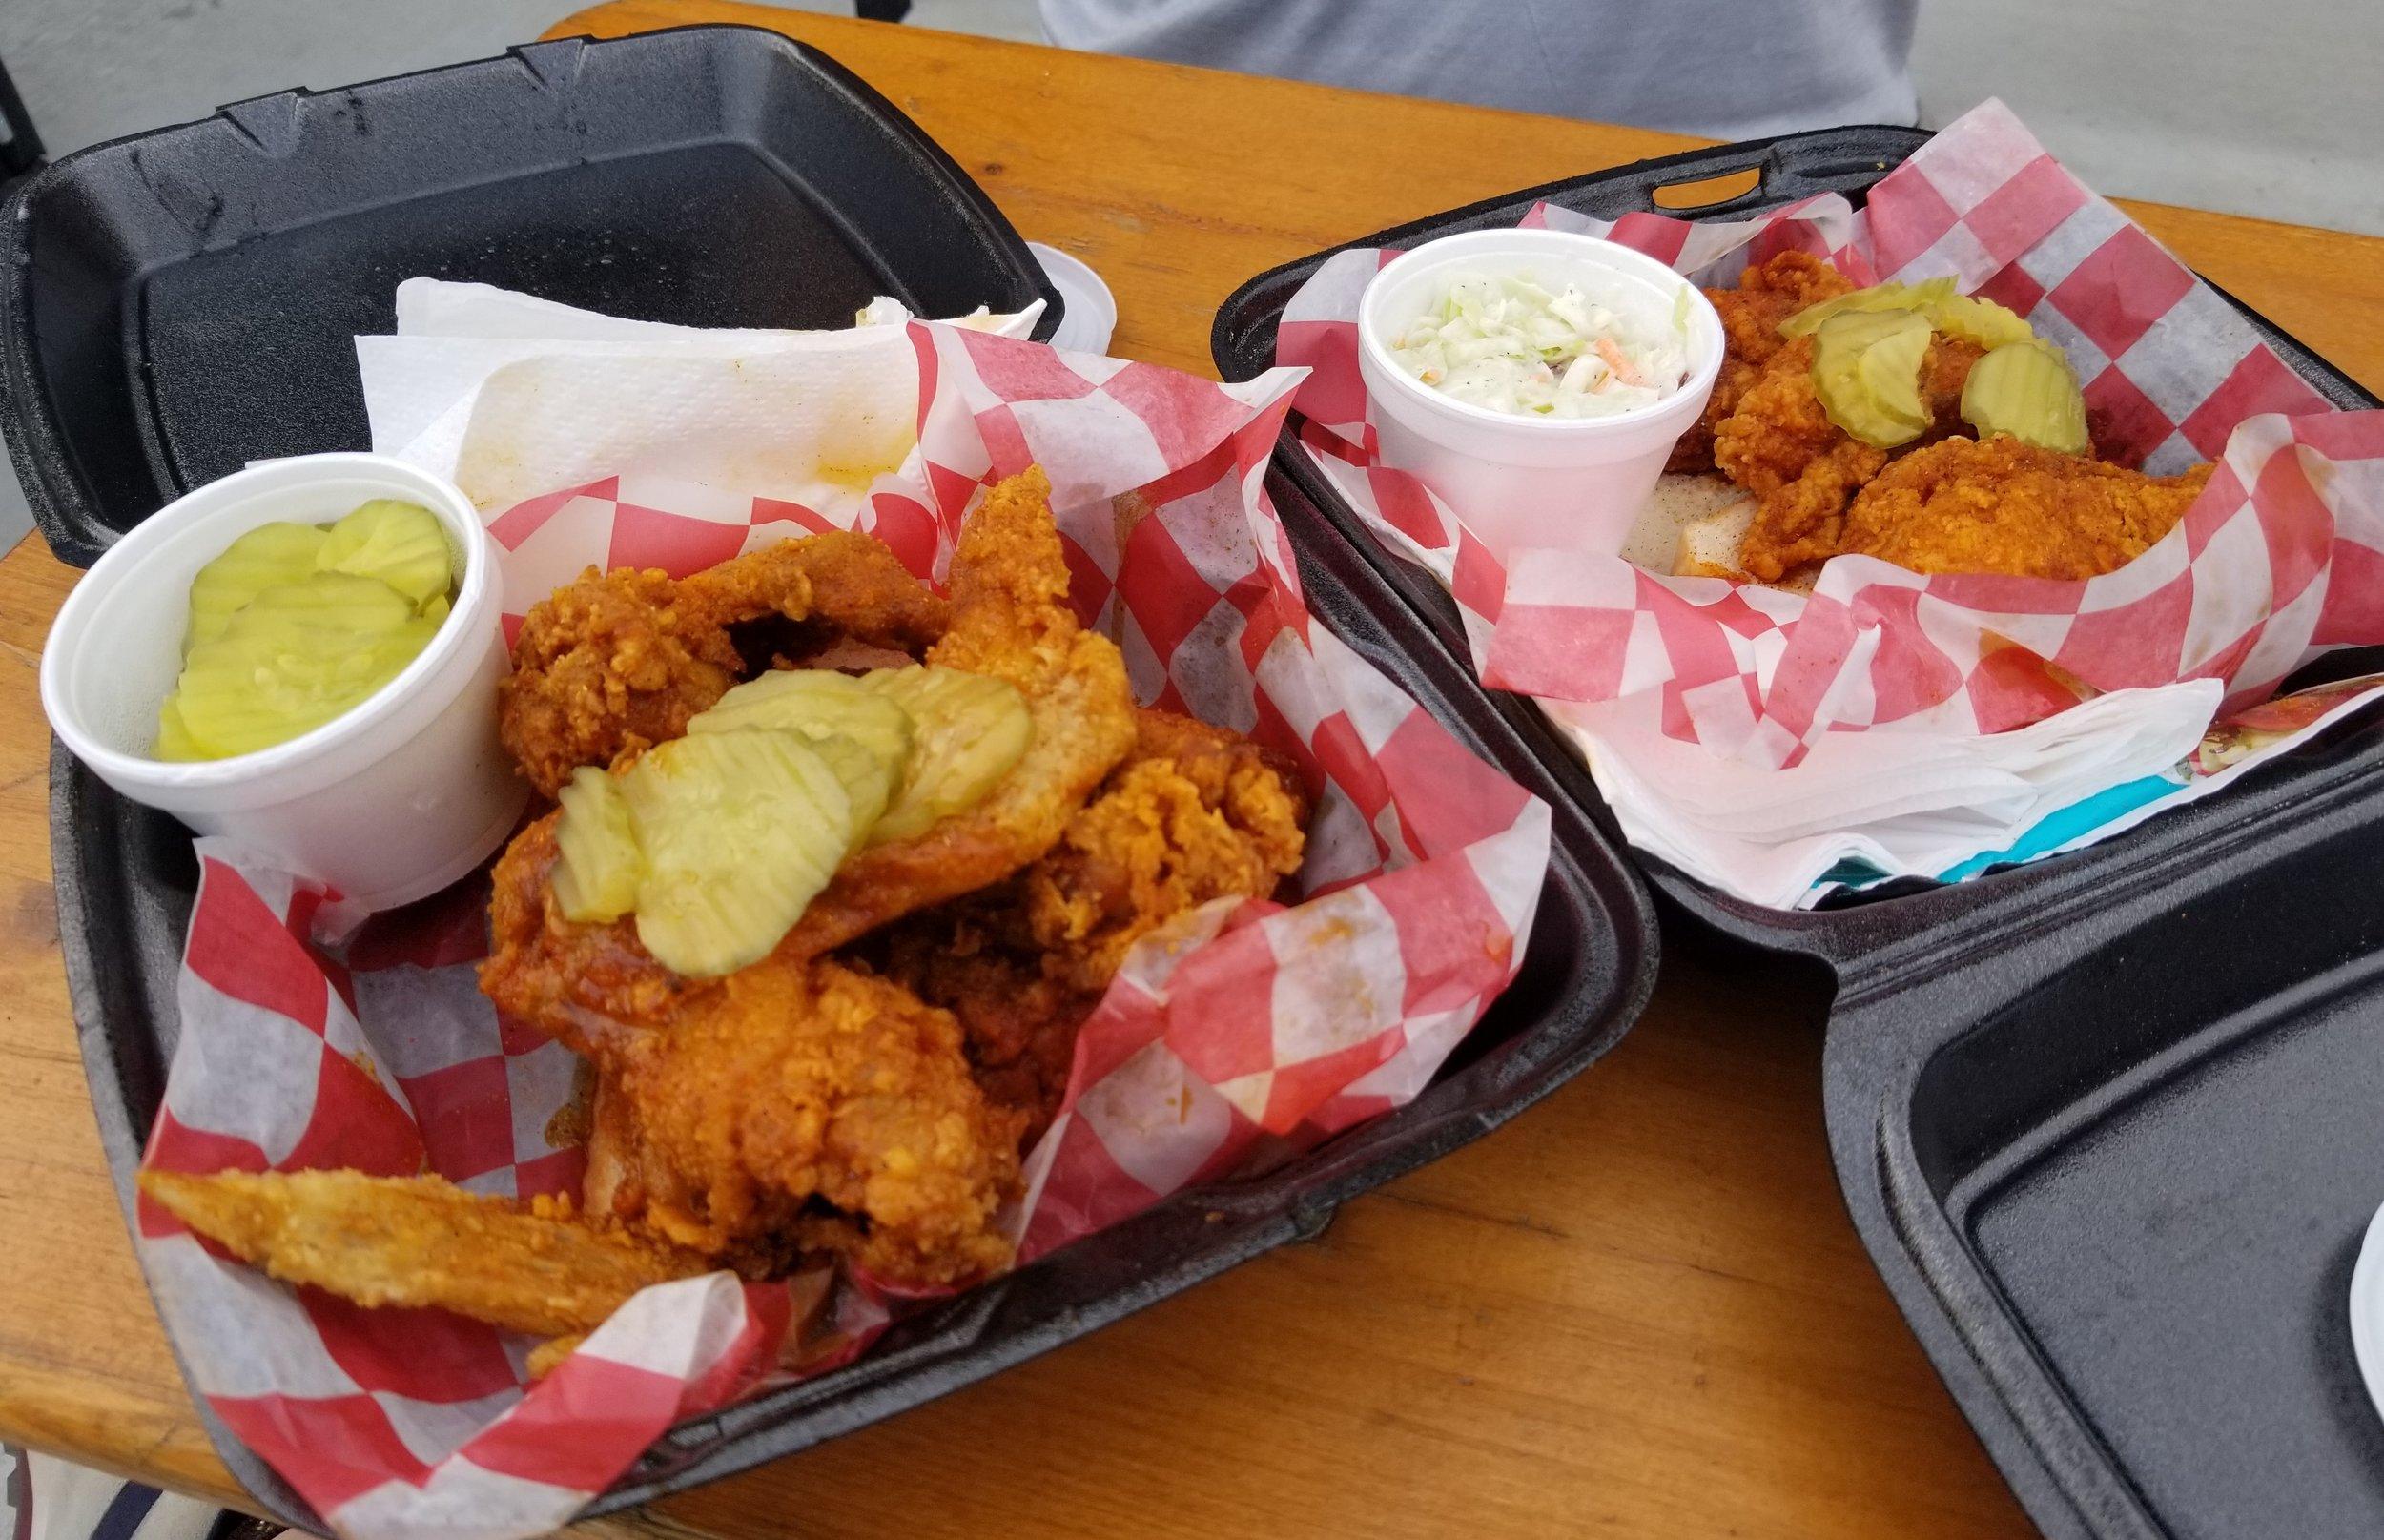 Nashville Hot Chicken from Prince's Hot Chicken. Yum!